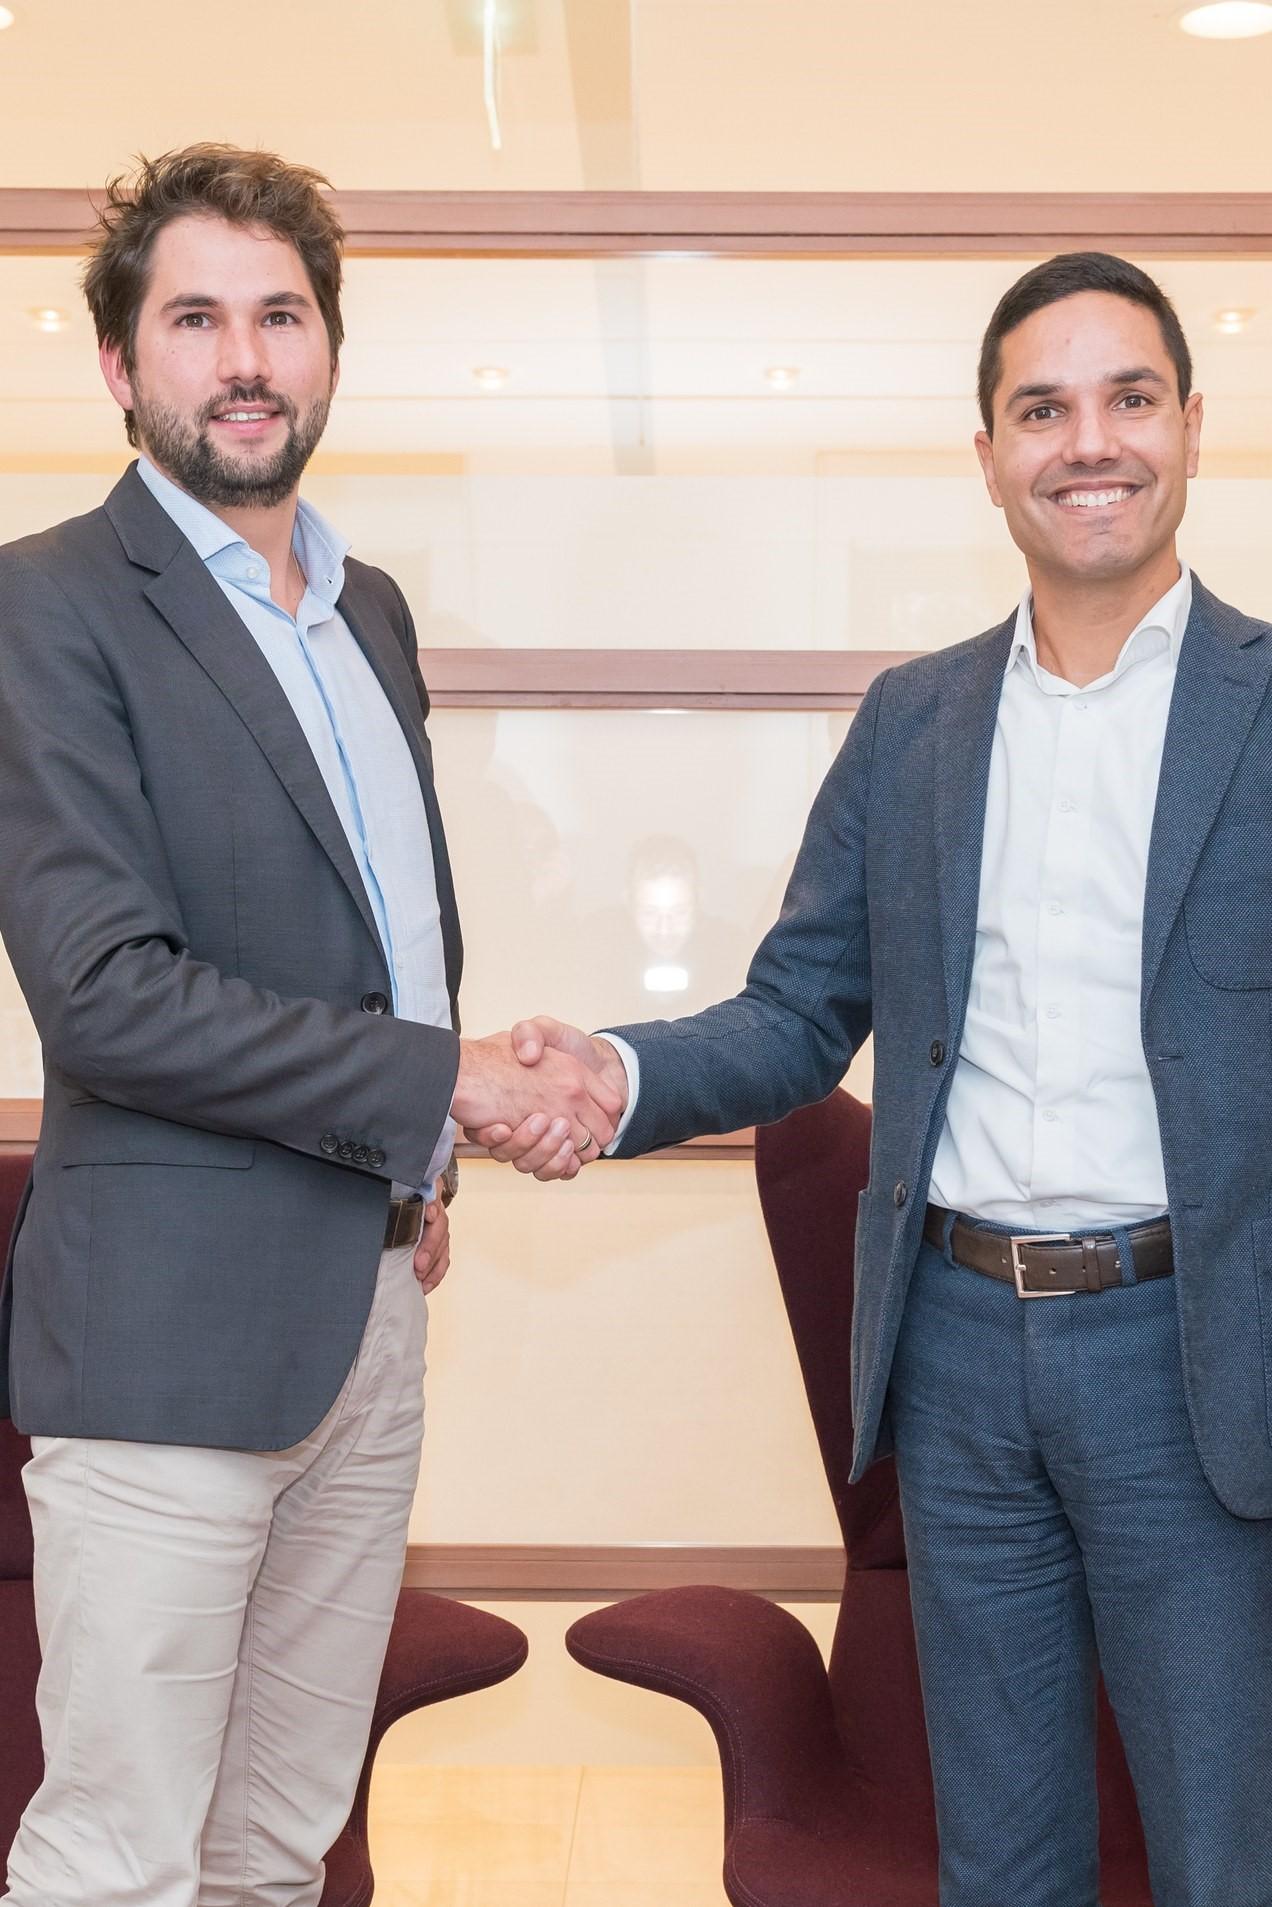 Wethouder Thijs Kroese (links) en Stefan van Schaik van Wooncompagnie schudden elkaar de hand. (Foto: aangeleverd)